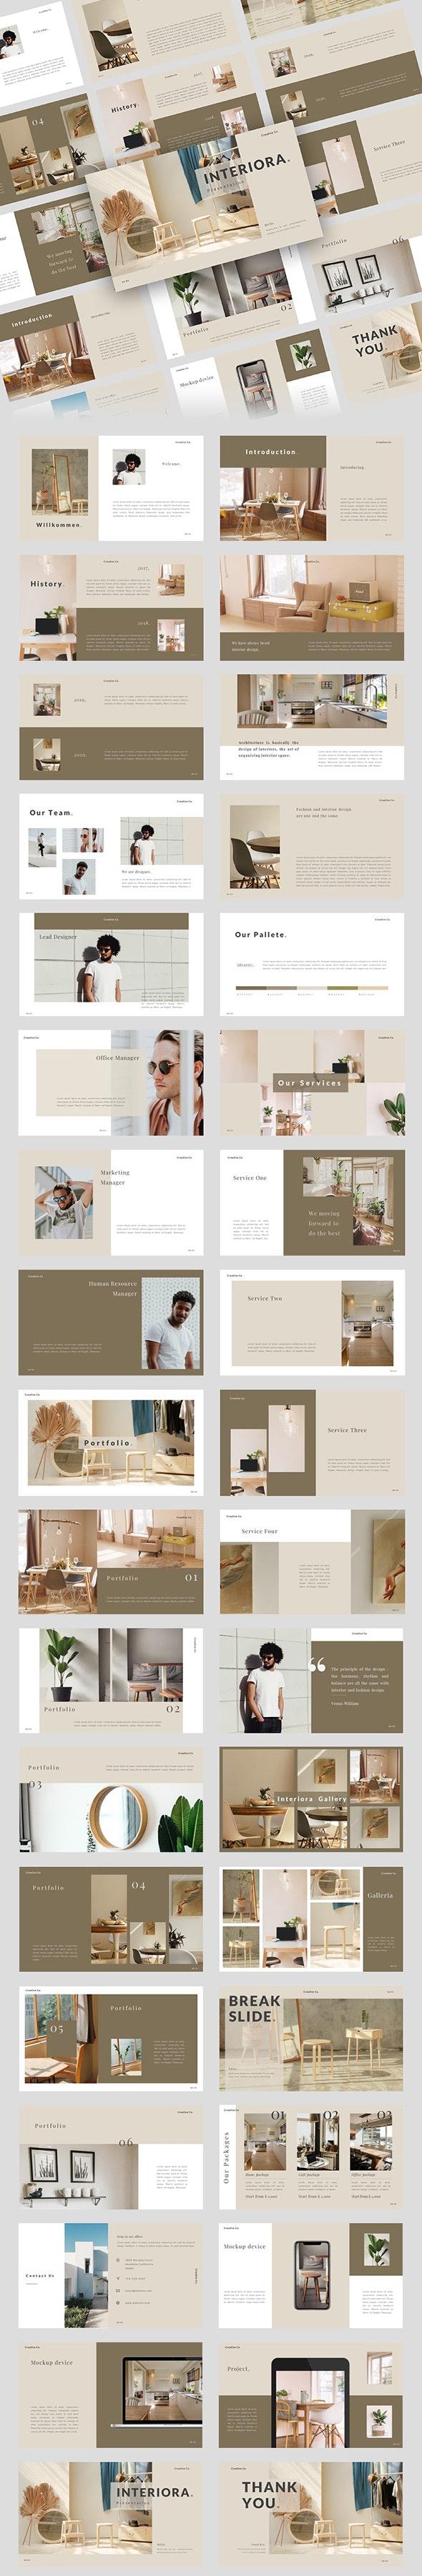 Interiora. Clean & Modern Business PowerPoint Template - PowerPoint Templates Presentation Templates